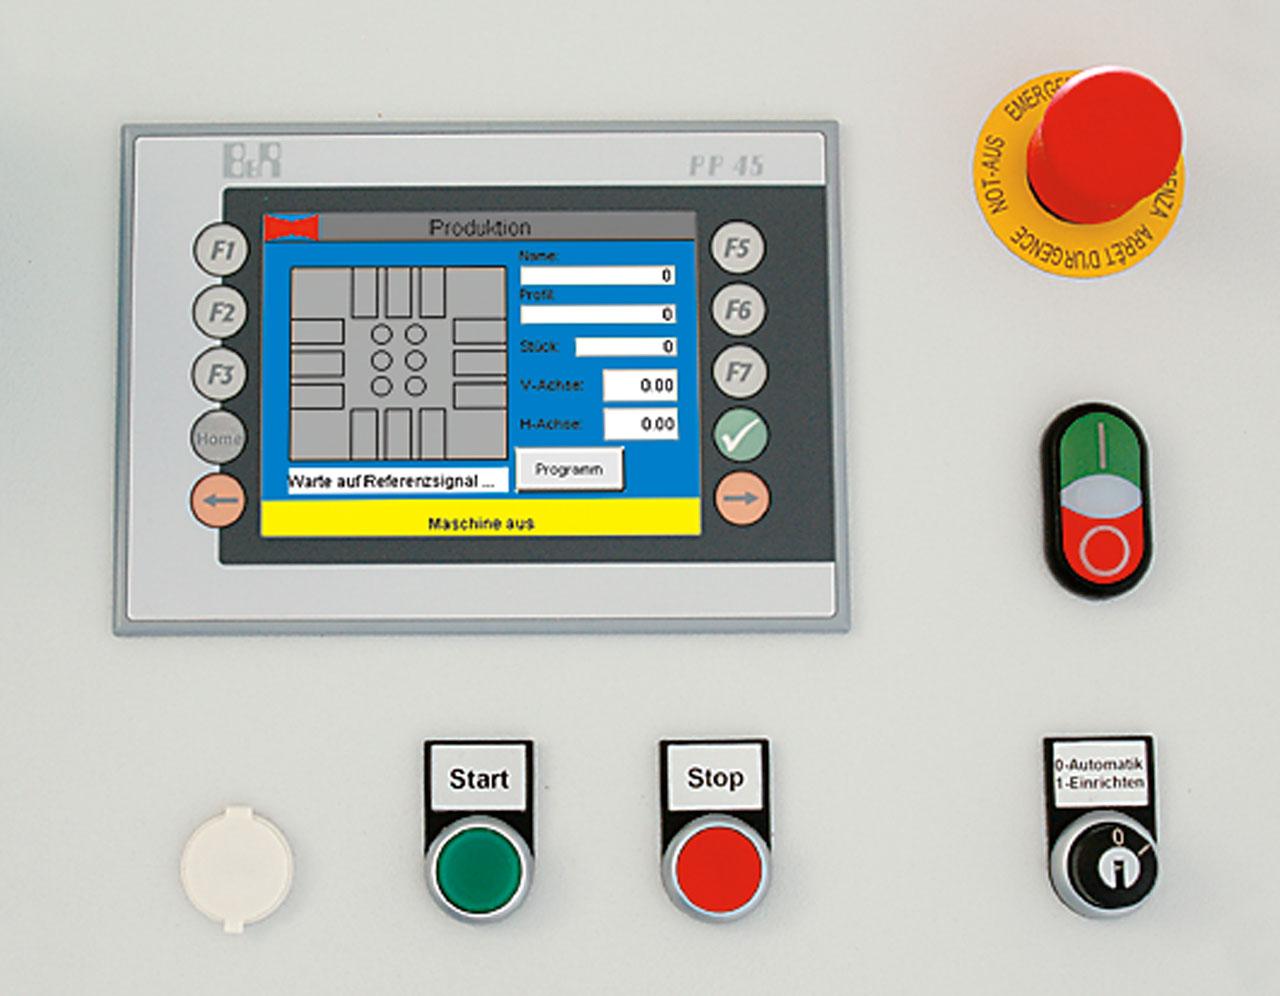 pp2nc-touchscreen-detail-hoffmann-dovetail-routing-machine-w1087010.jpg